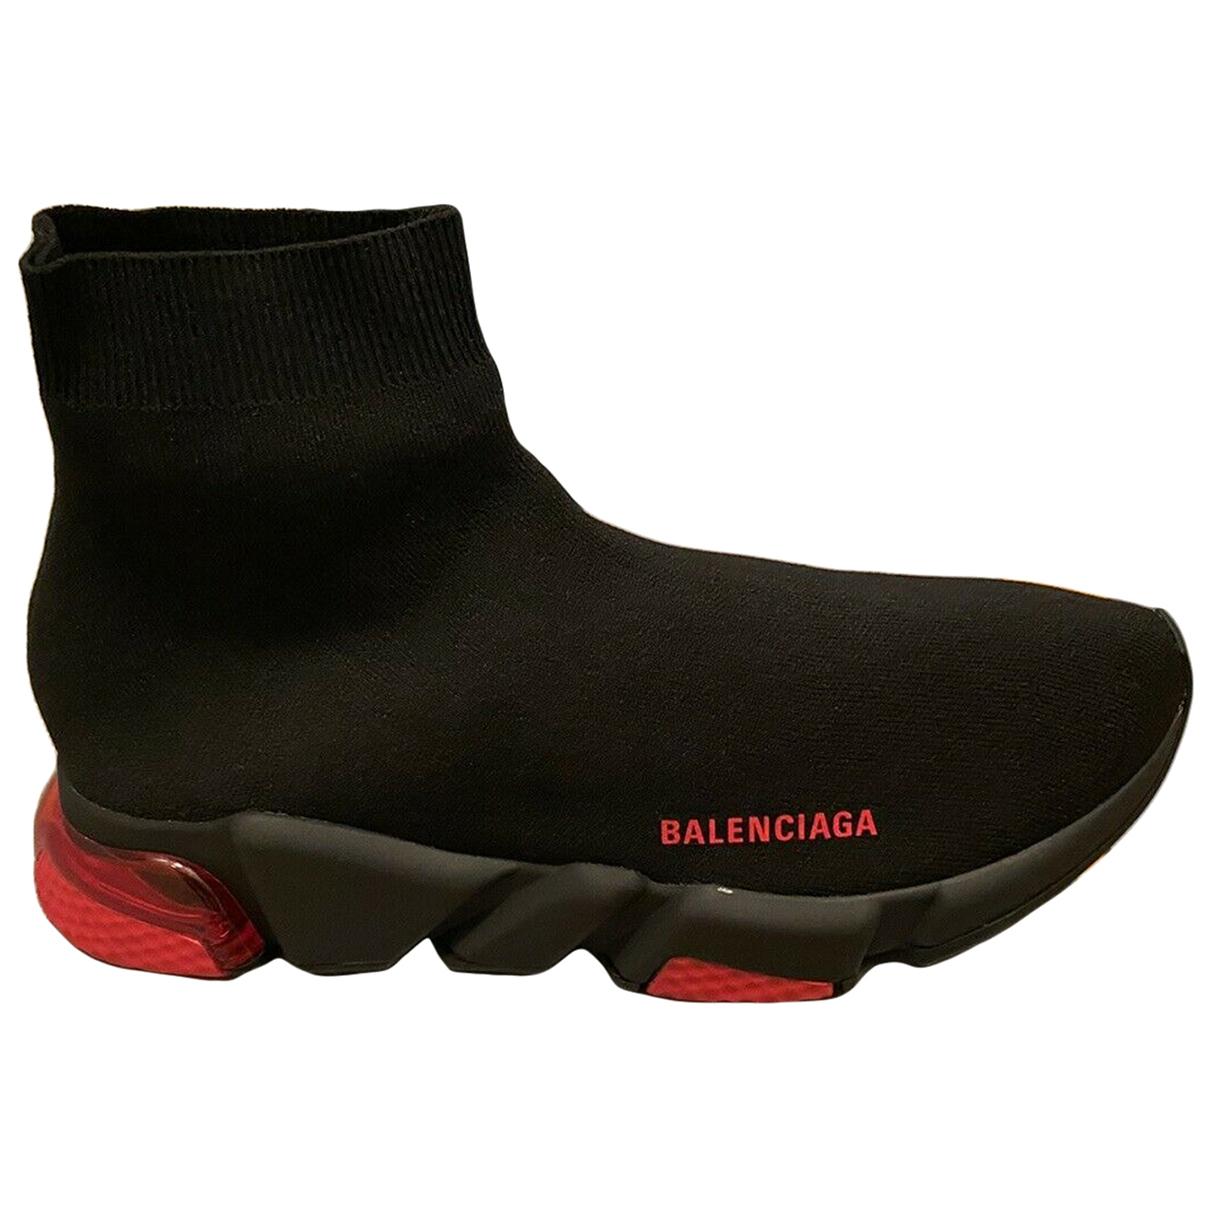 Balenciaga - Baskets Speed pour homme en toile - noir